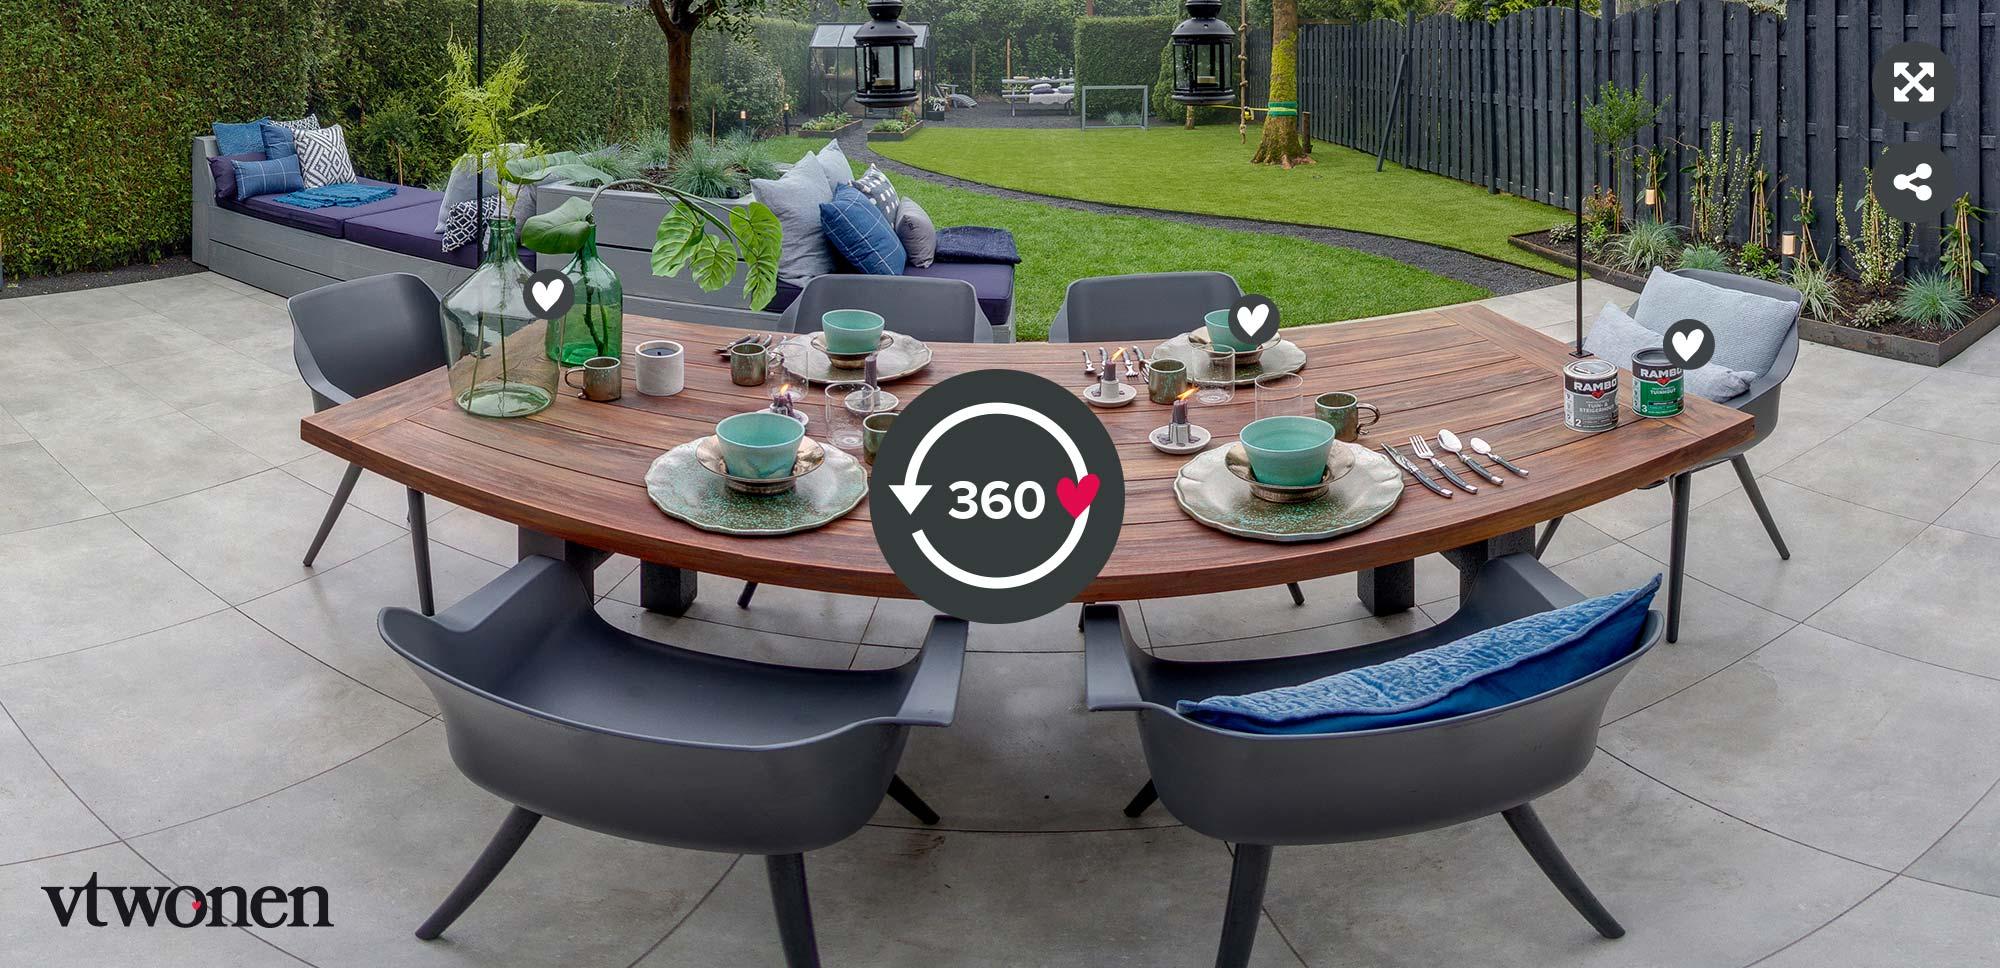 360 tour vtwonen weer verliefd op je tuin